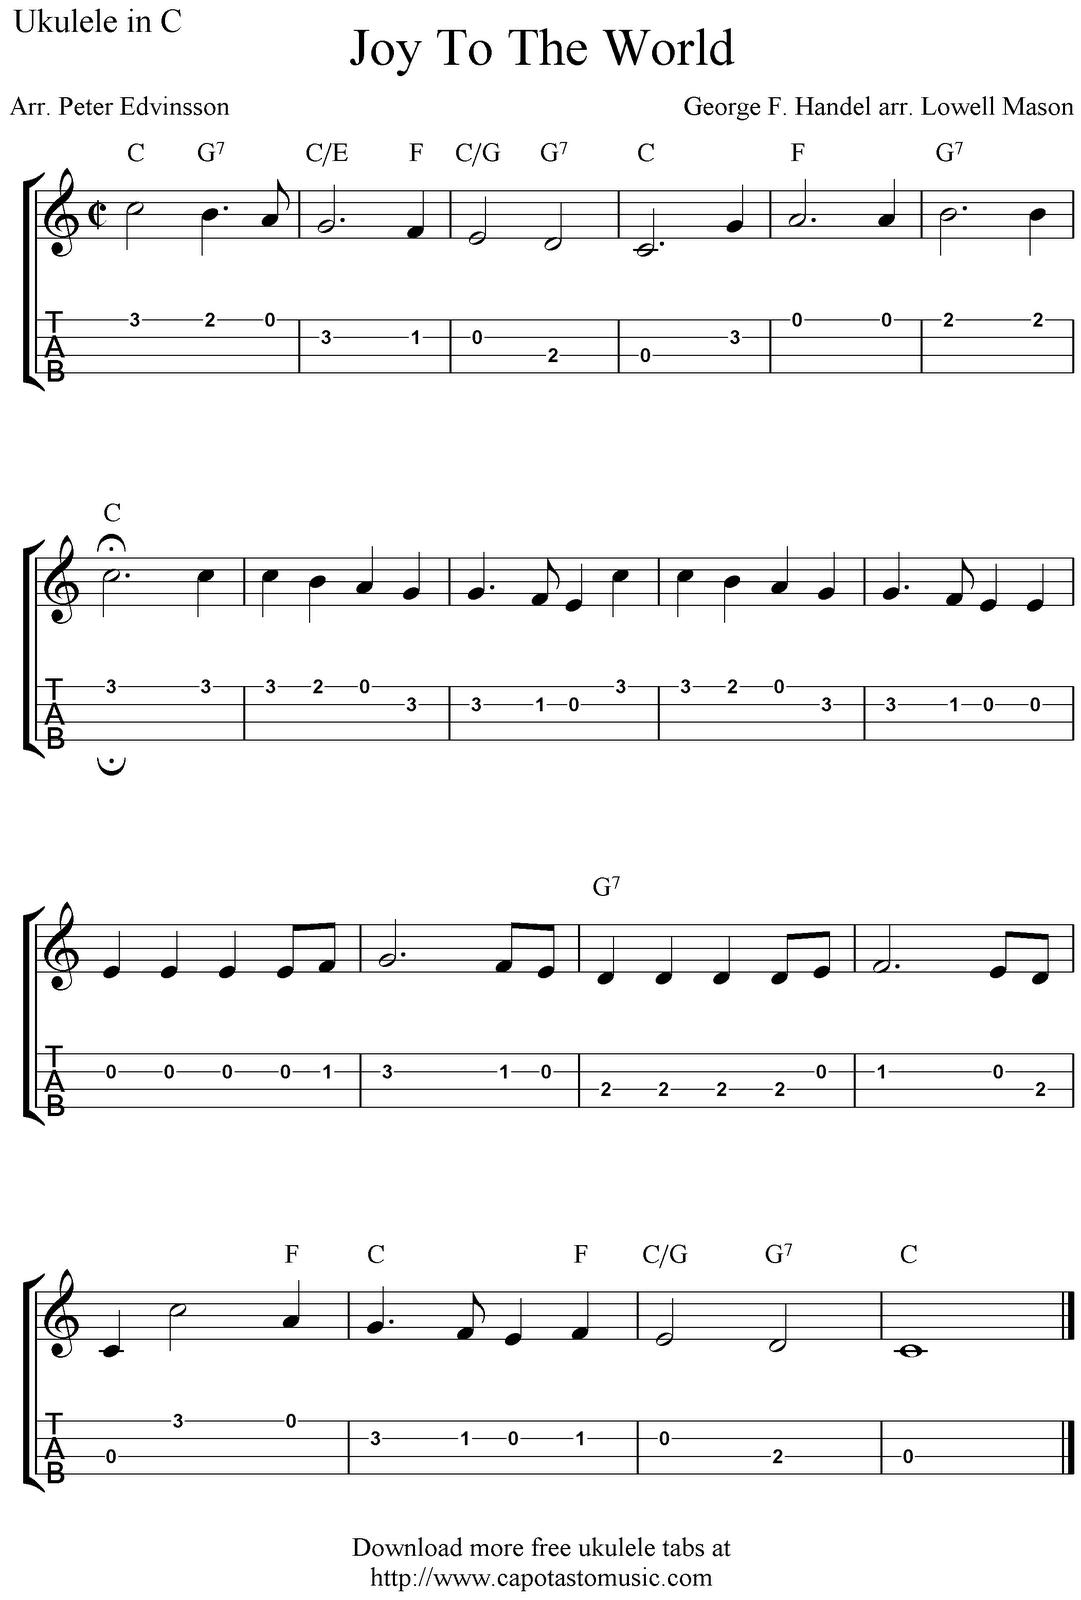 Free Sheet Music Scores Joy To The World Free Christmas Ukulele Tab Sheet Music